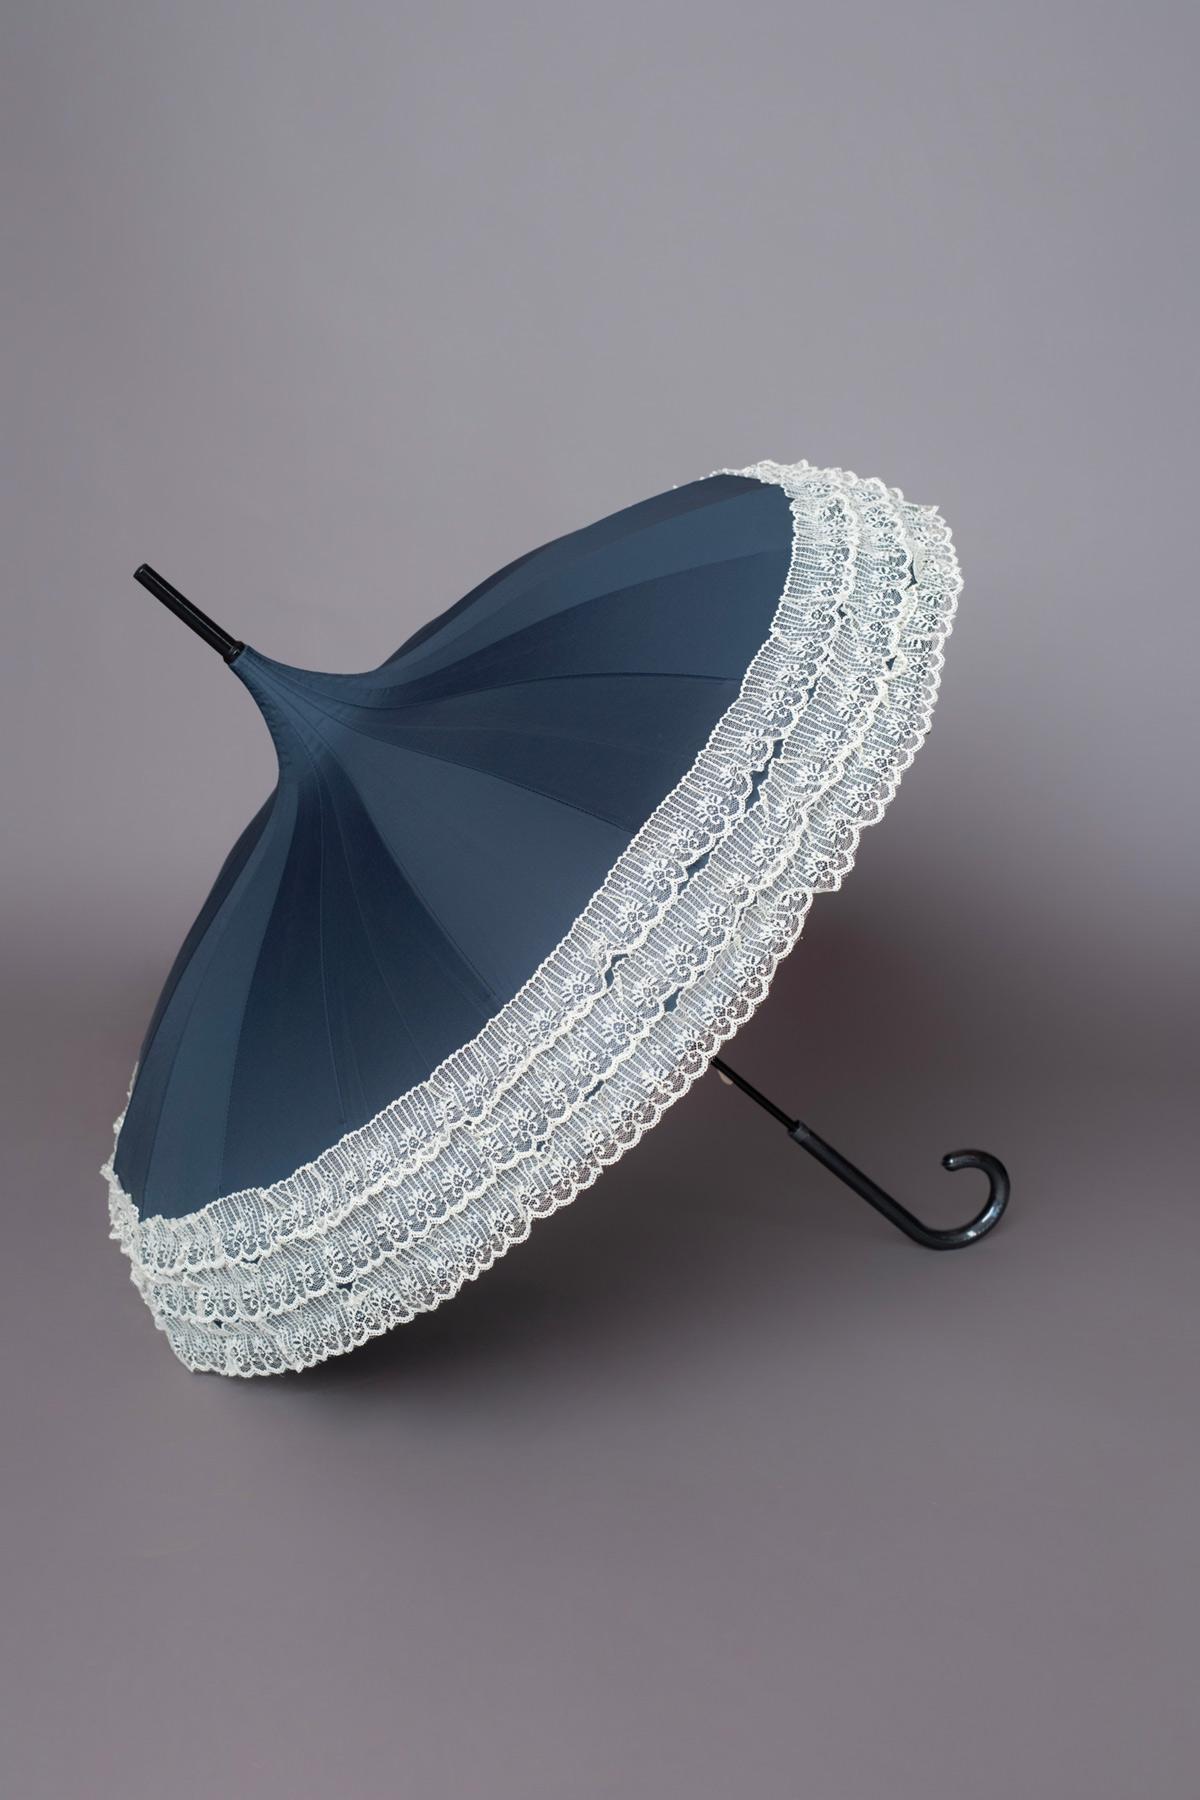 μπλε ομπρέλα σε σχήμα παγόδας με ιβουάρ δαντελένιο τελείωμα για μοναδικές εμφανίσεις